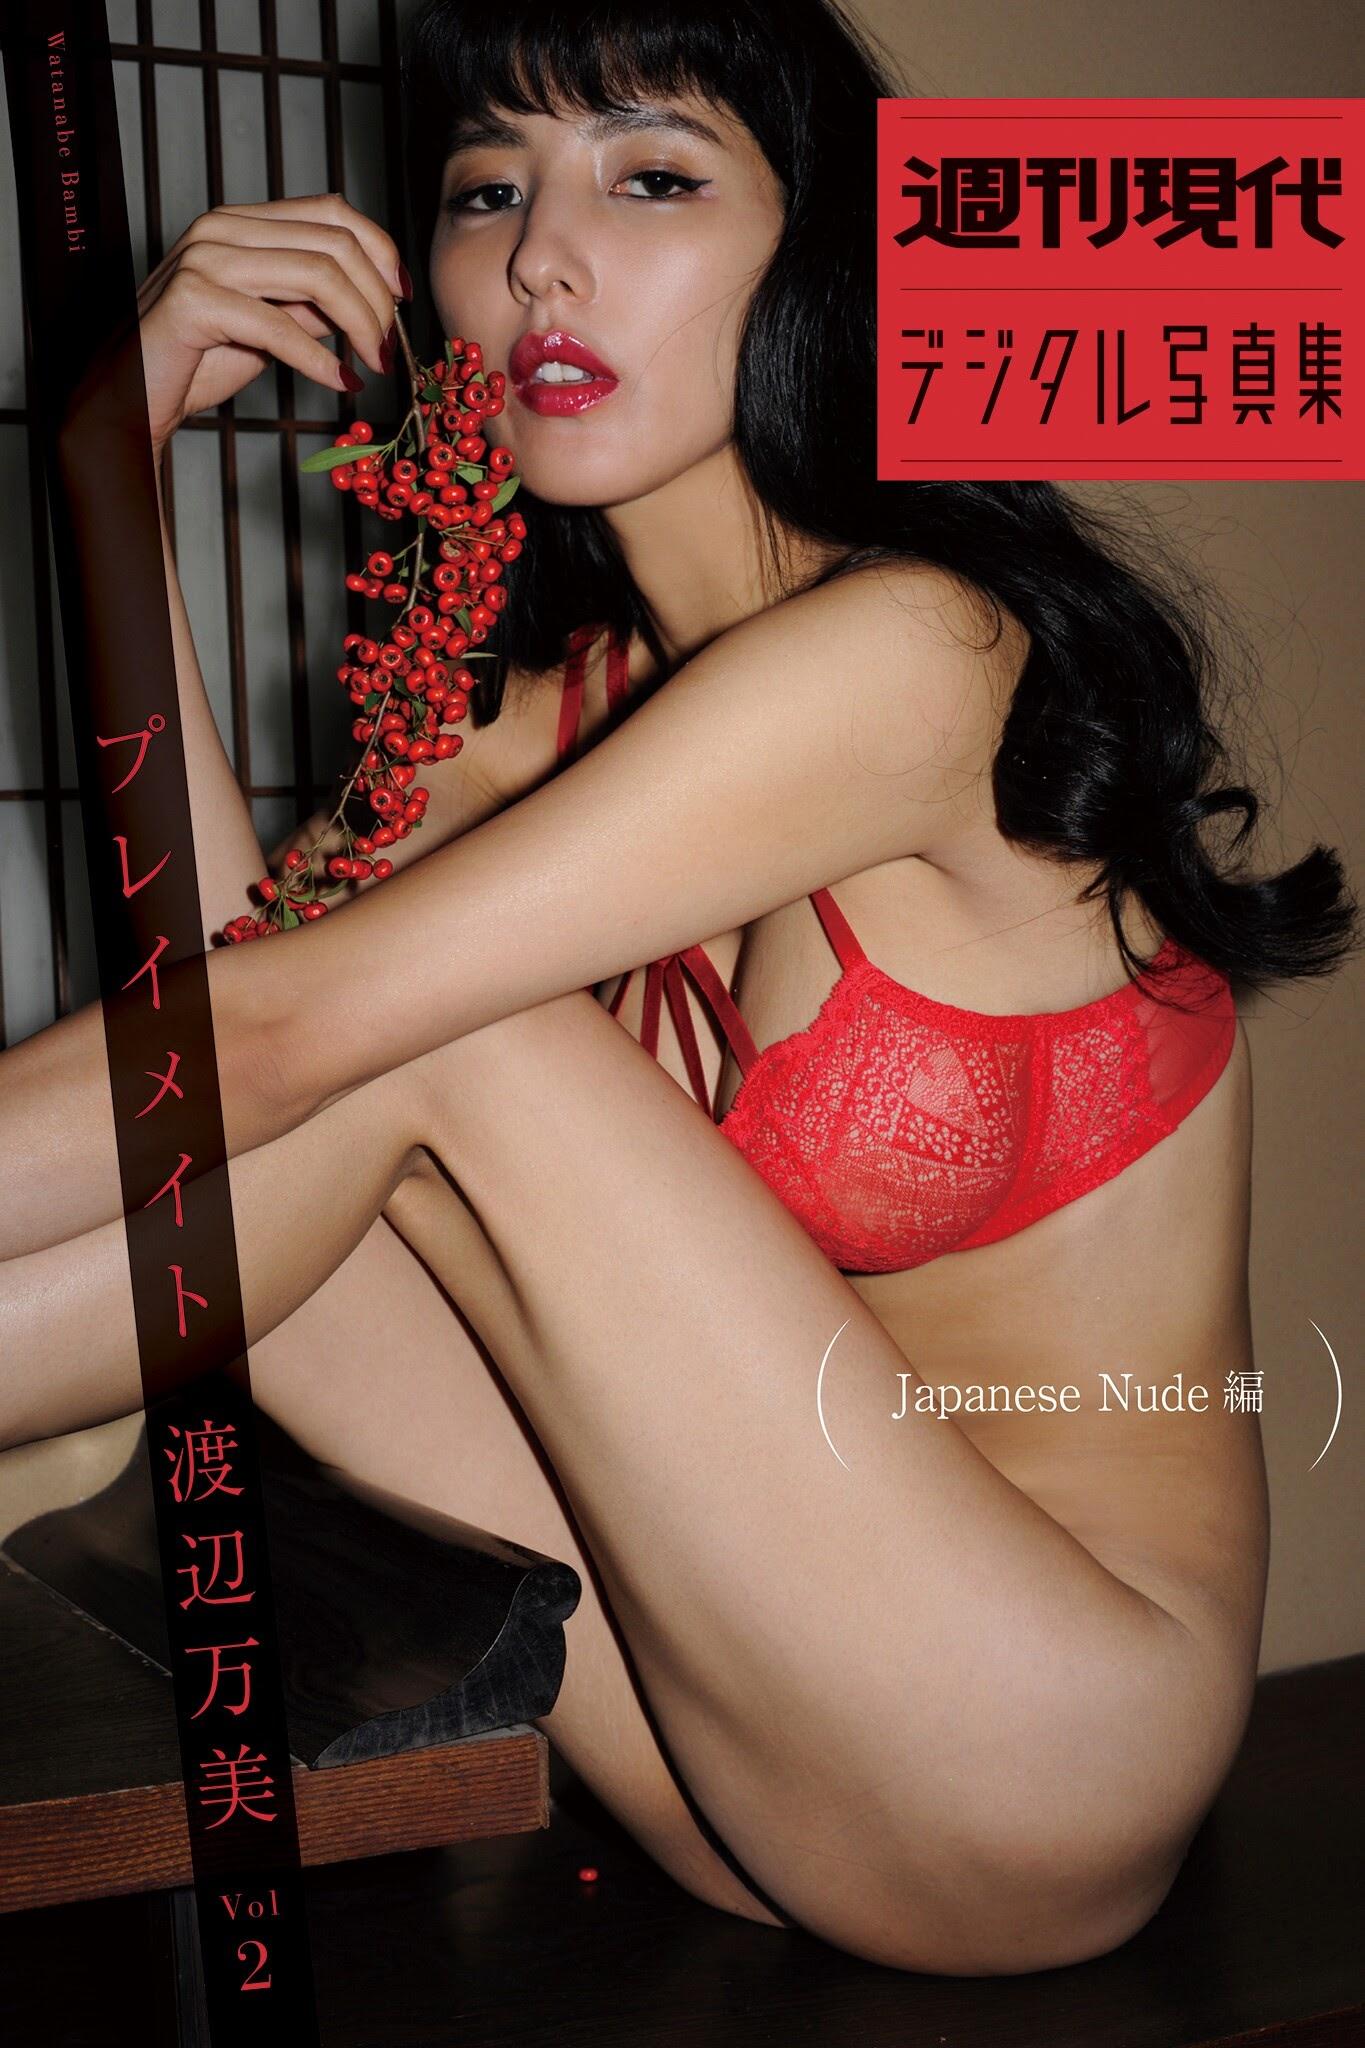 All Nude 羽 咲 みはる 週刊現代デジタル写真集 『プレイメイト 渡辺万美 vol.2